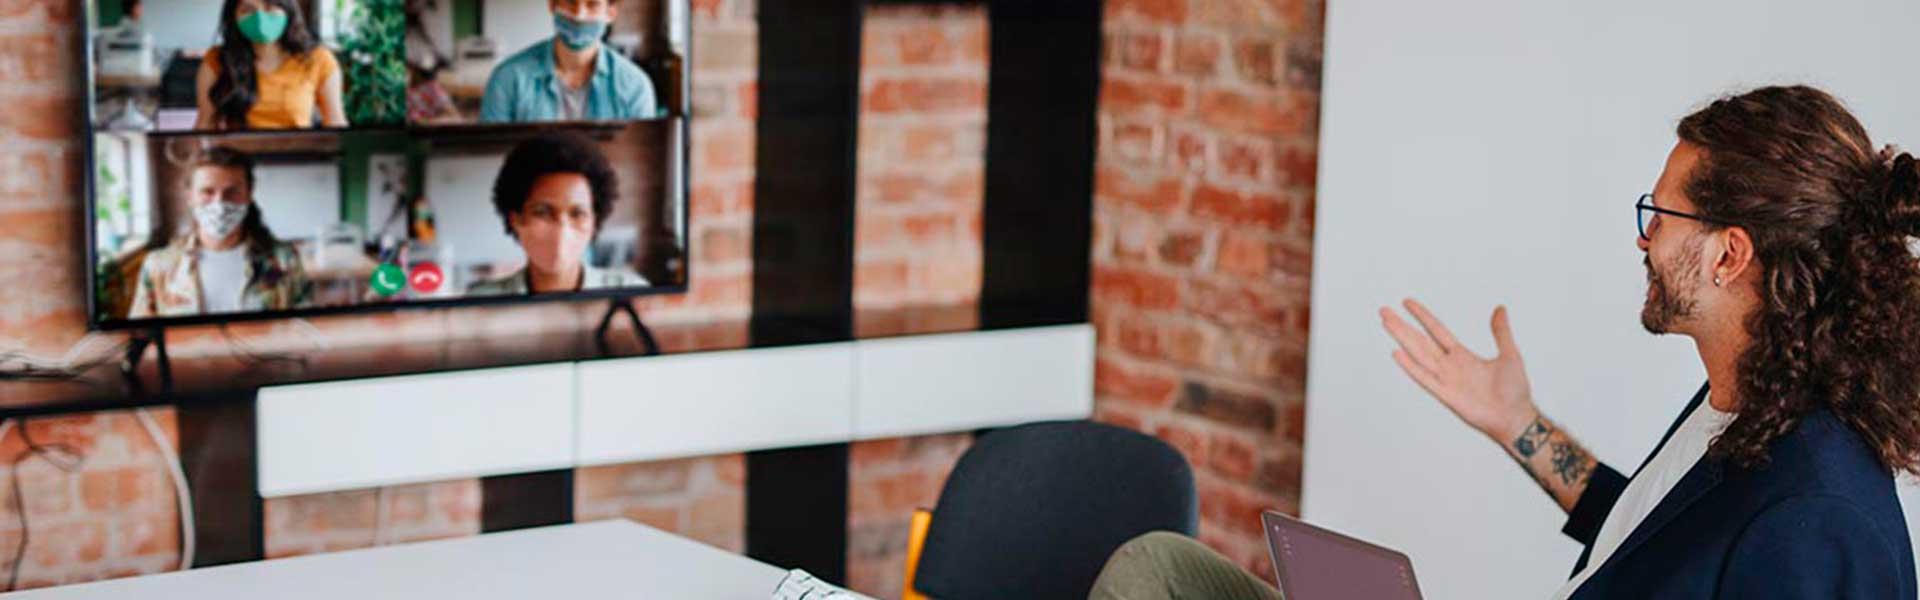 Reunião de trabalho à distância com recurso a ferramentas de colaboração